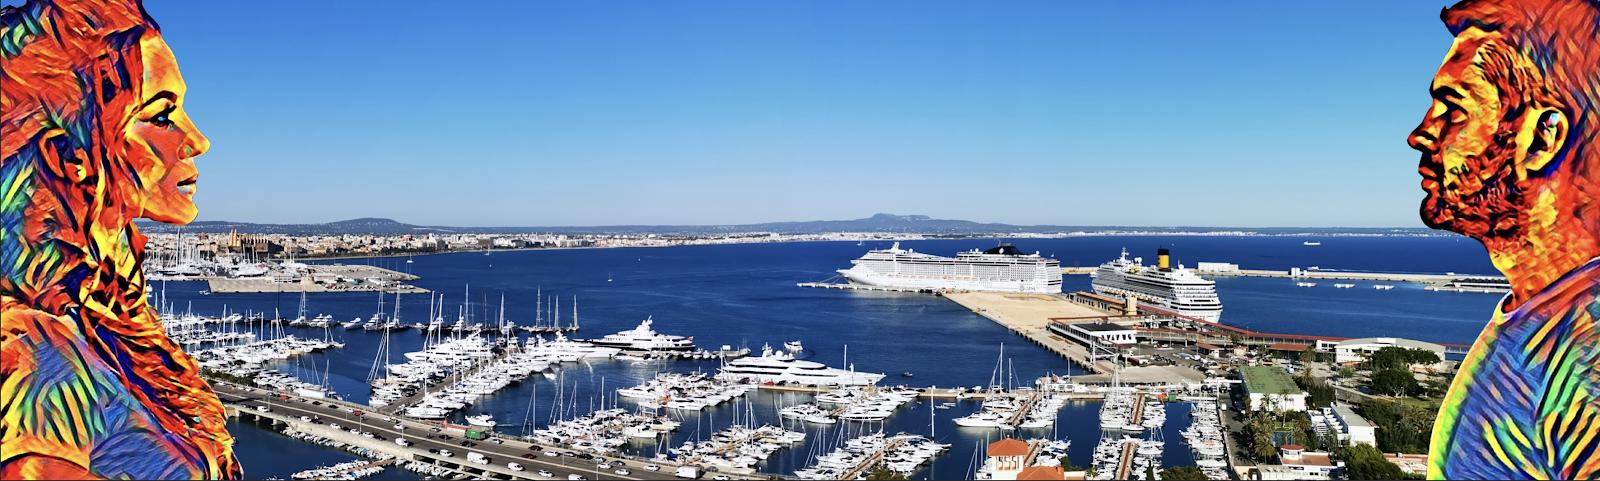 Hotel Amic Horizonte Palma de Mallorca - BLOG